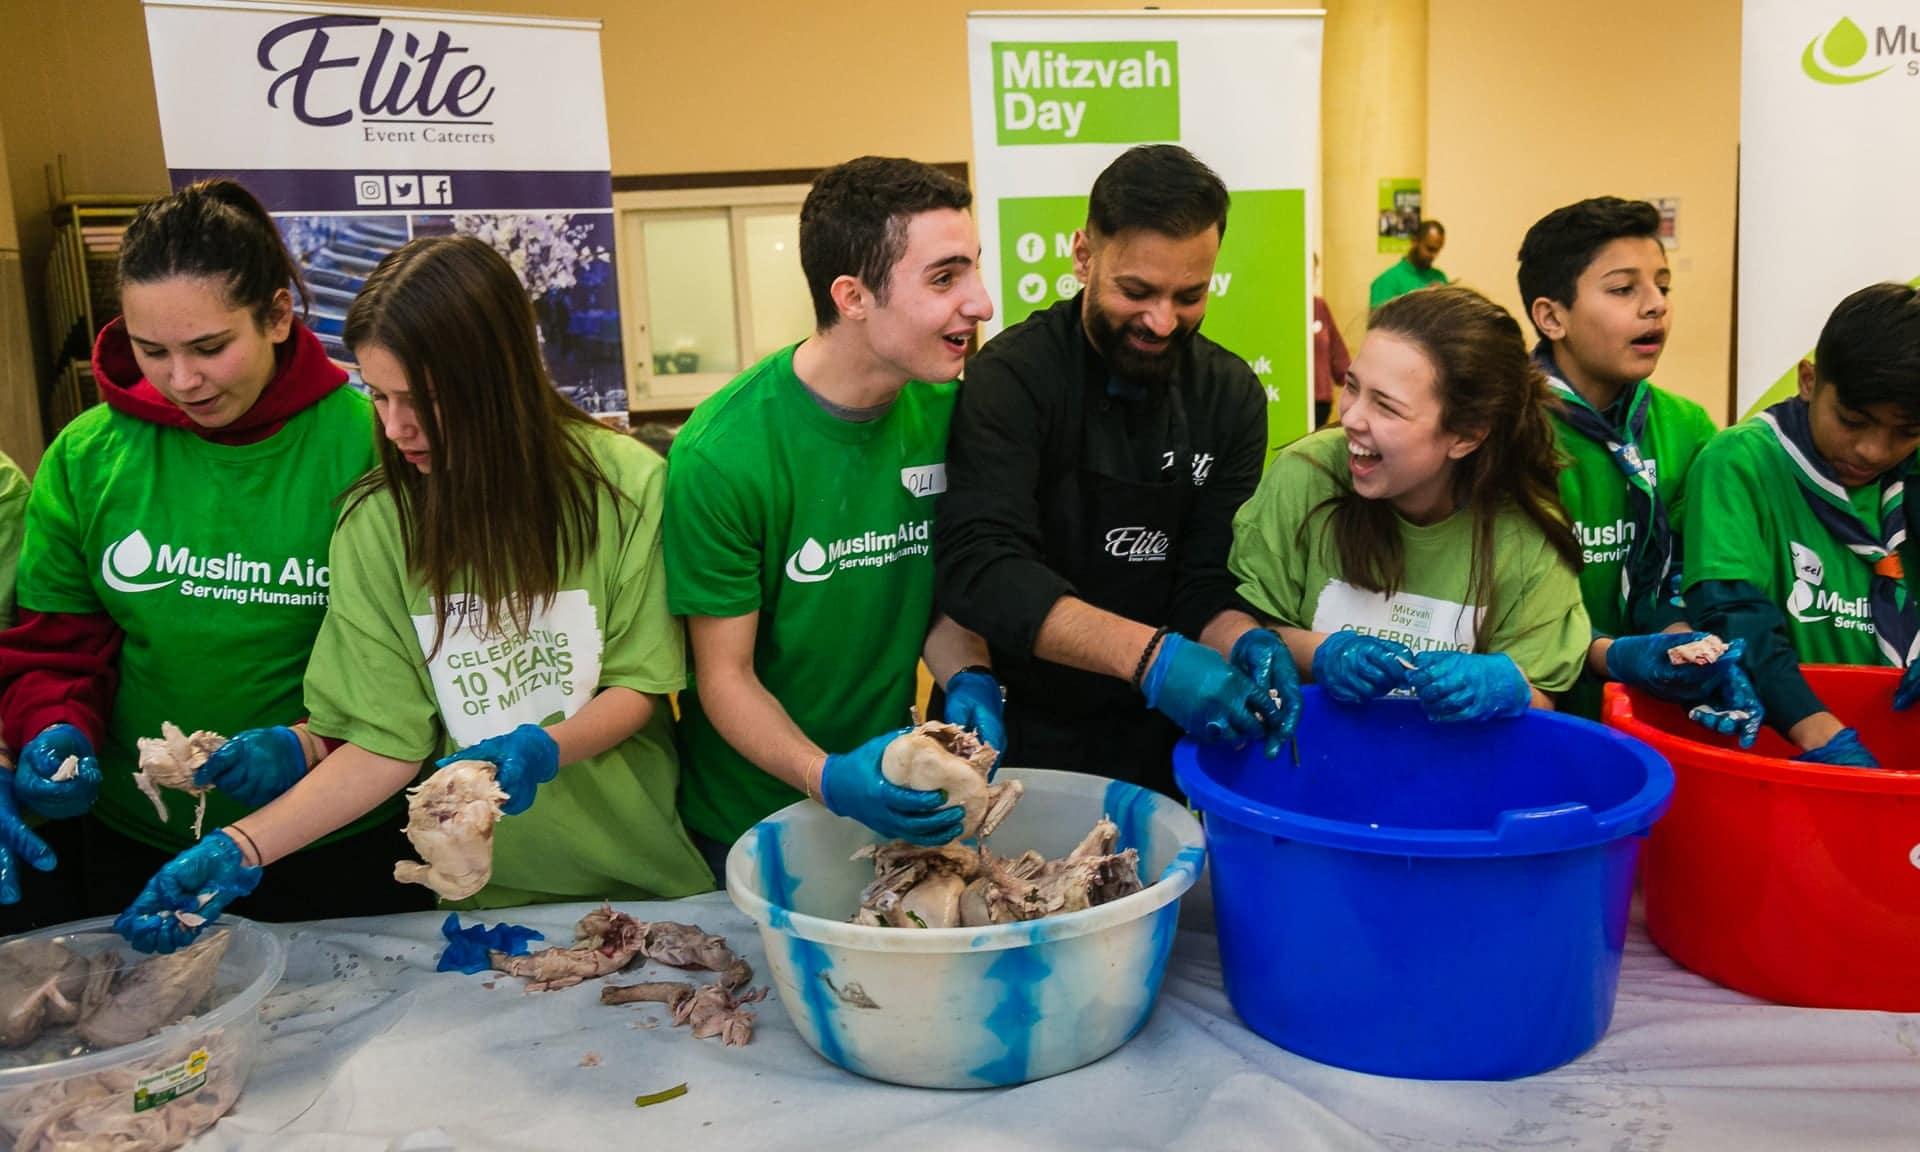 Mitzvah Day: 3.240 volontari ebrei e musulmani si uniscono per servire la zuppa ai senzatetto